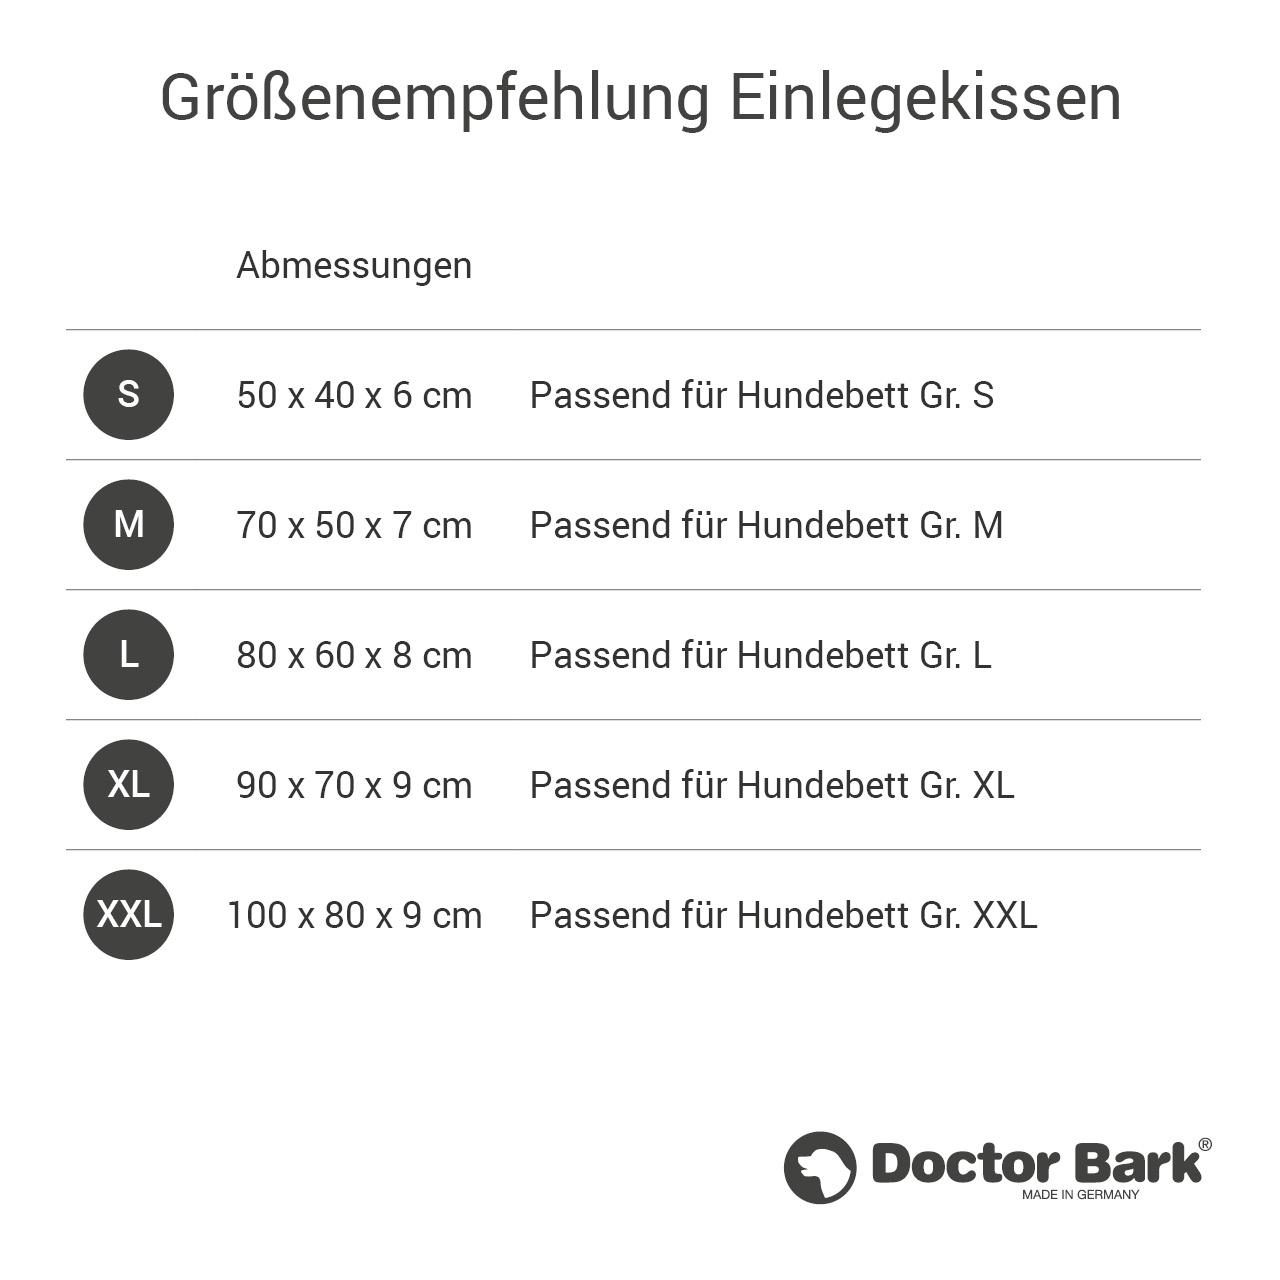 orthopädisches Einlegekissen für Doctor Bark Hundebett Gr. S - grau